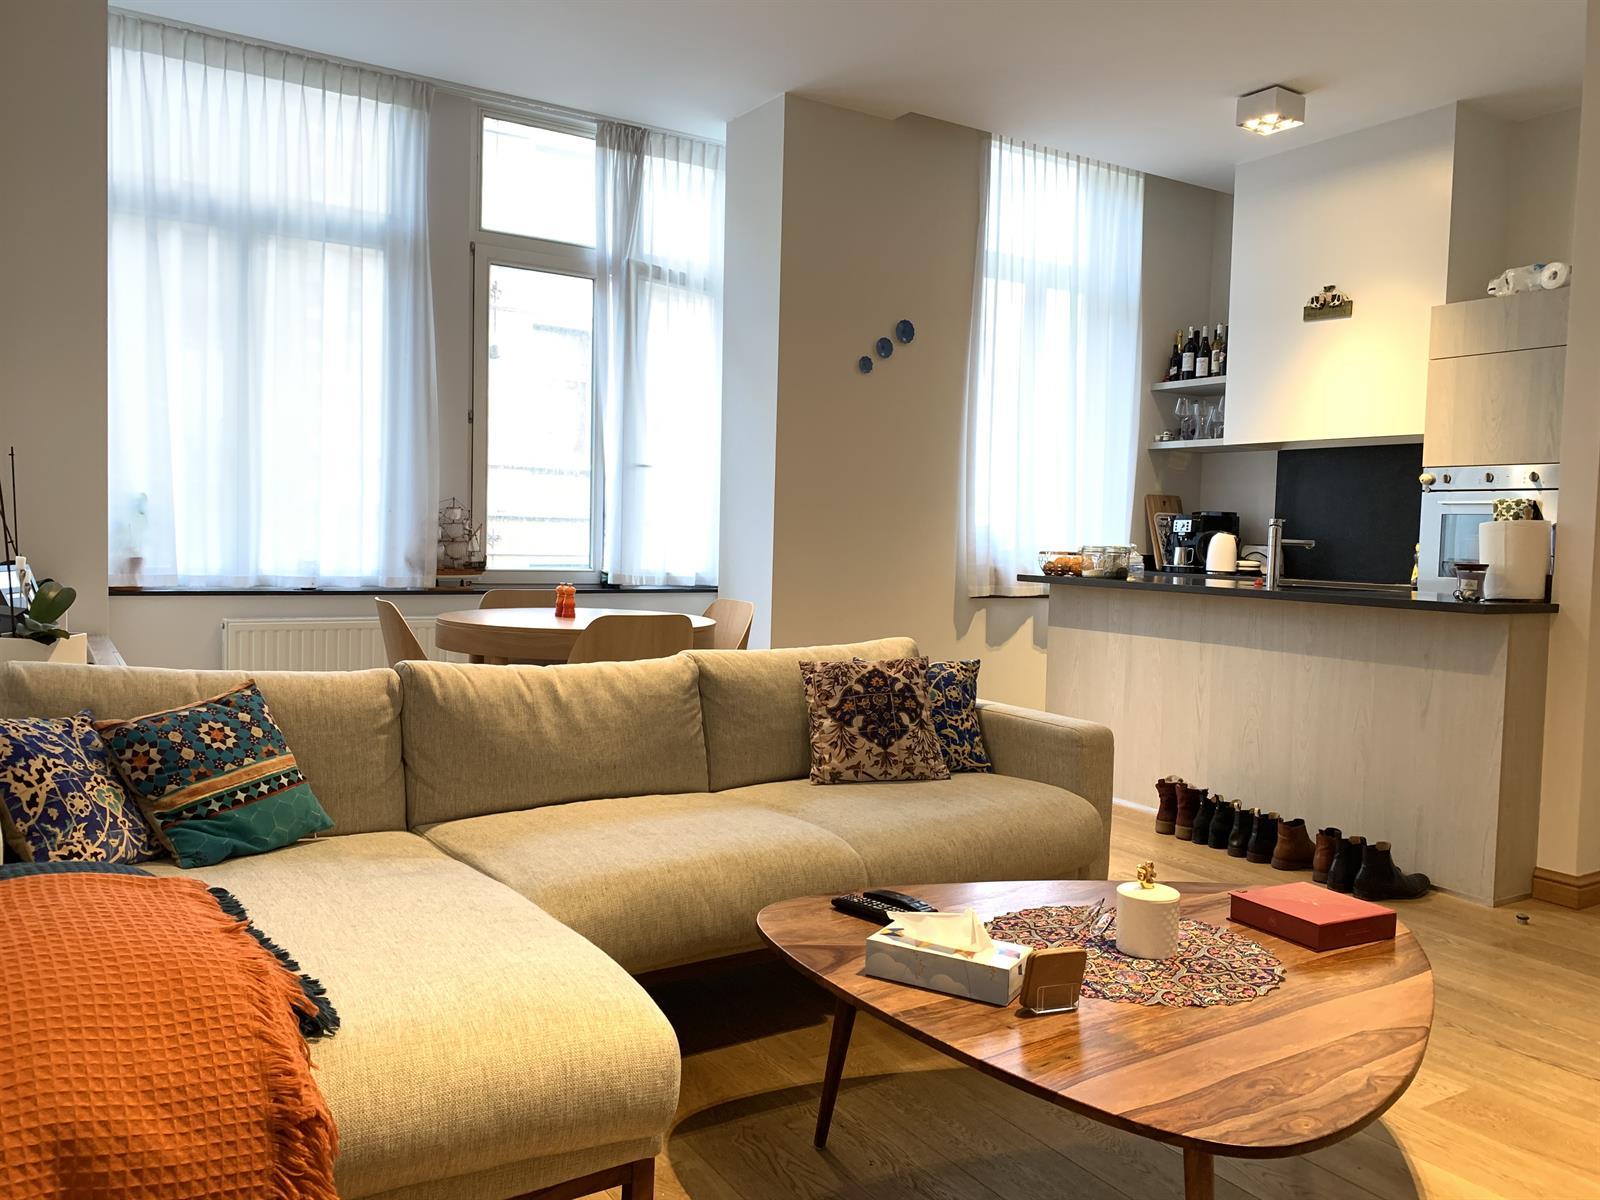 Appartement exceptionnel - Bruxelles - #4094385-40